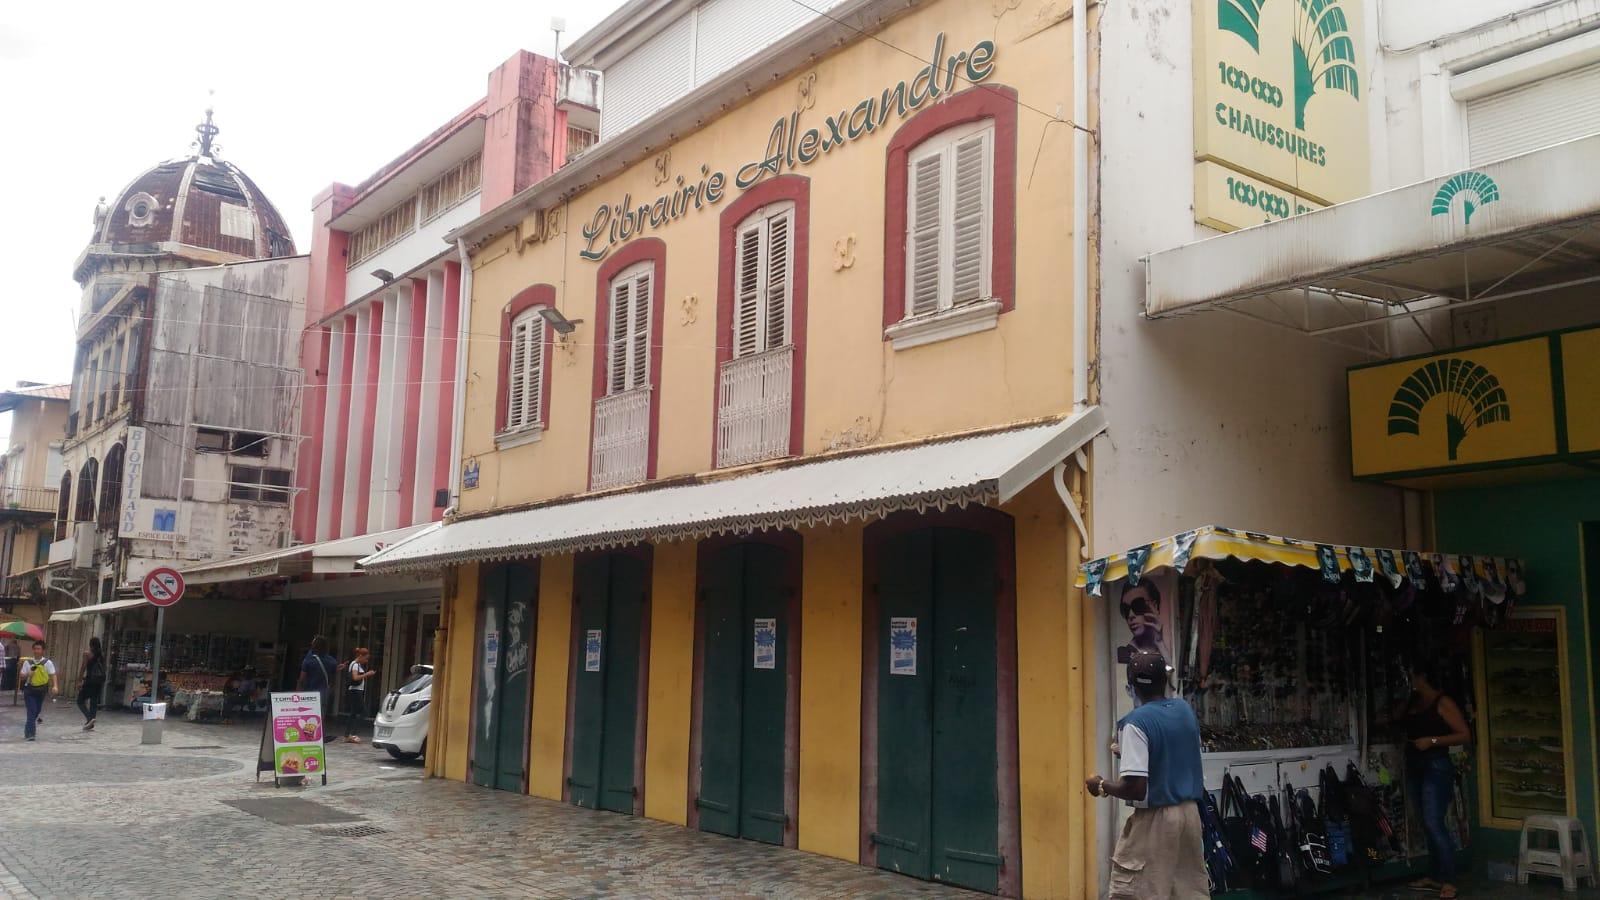 Librairie Alexandre - Martinique Enchères